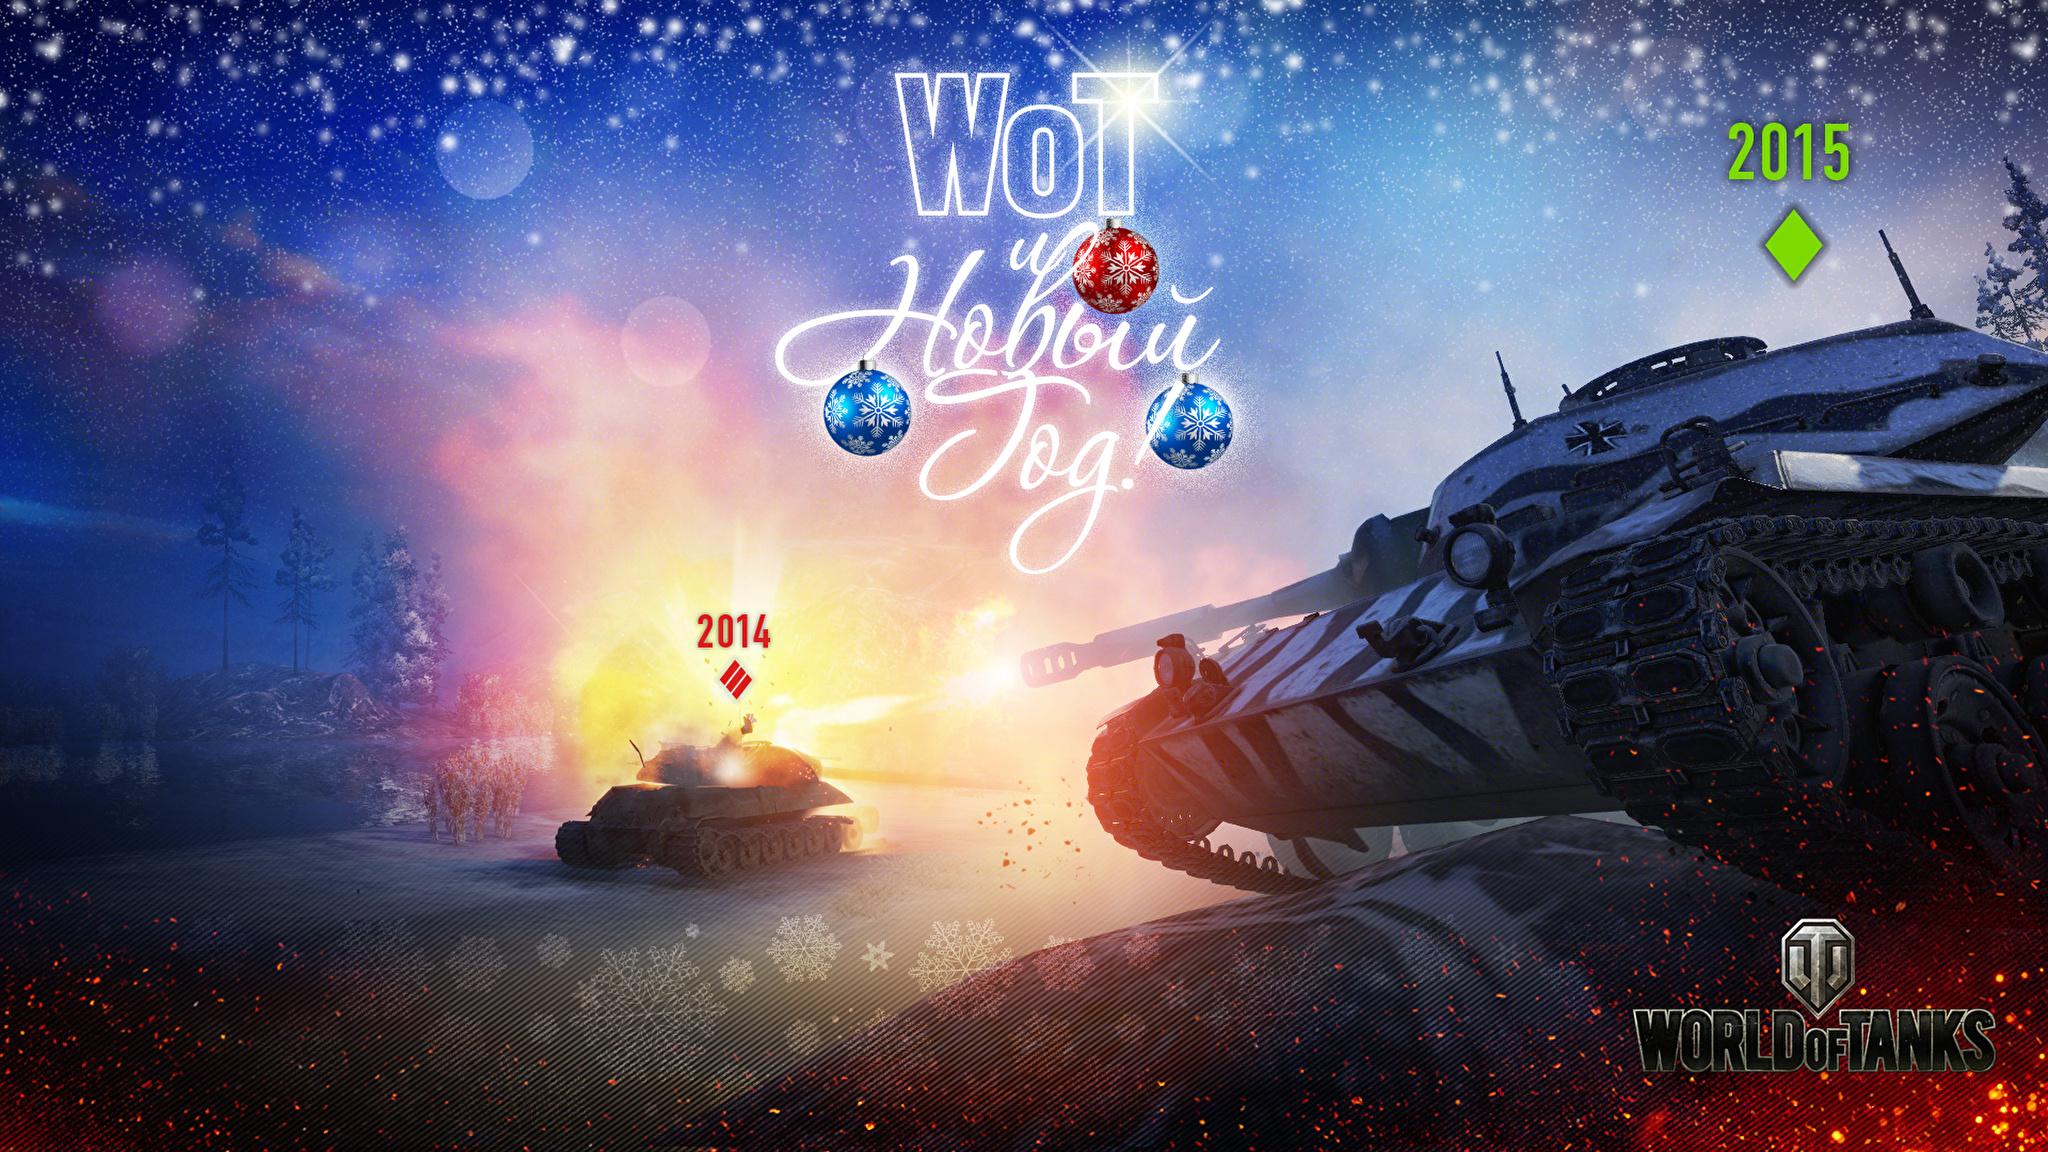 Что будет на новый год в wot